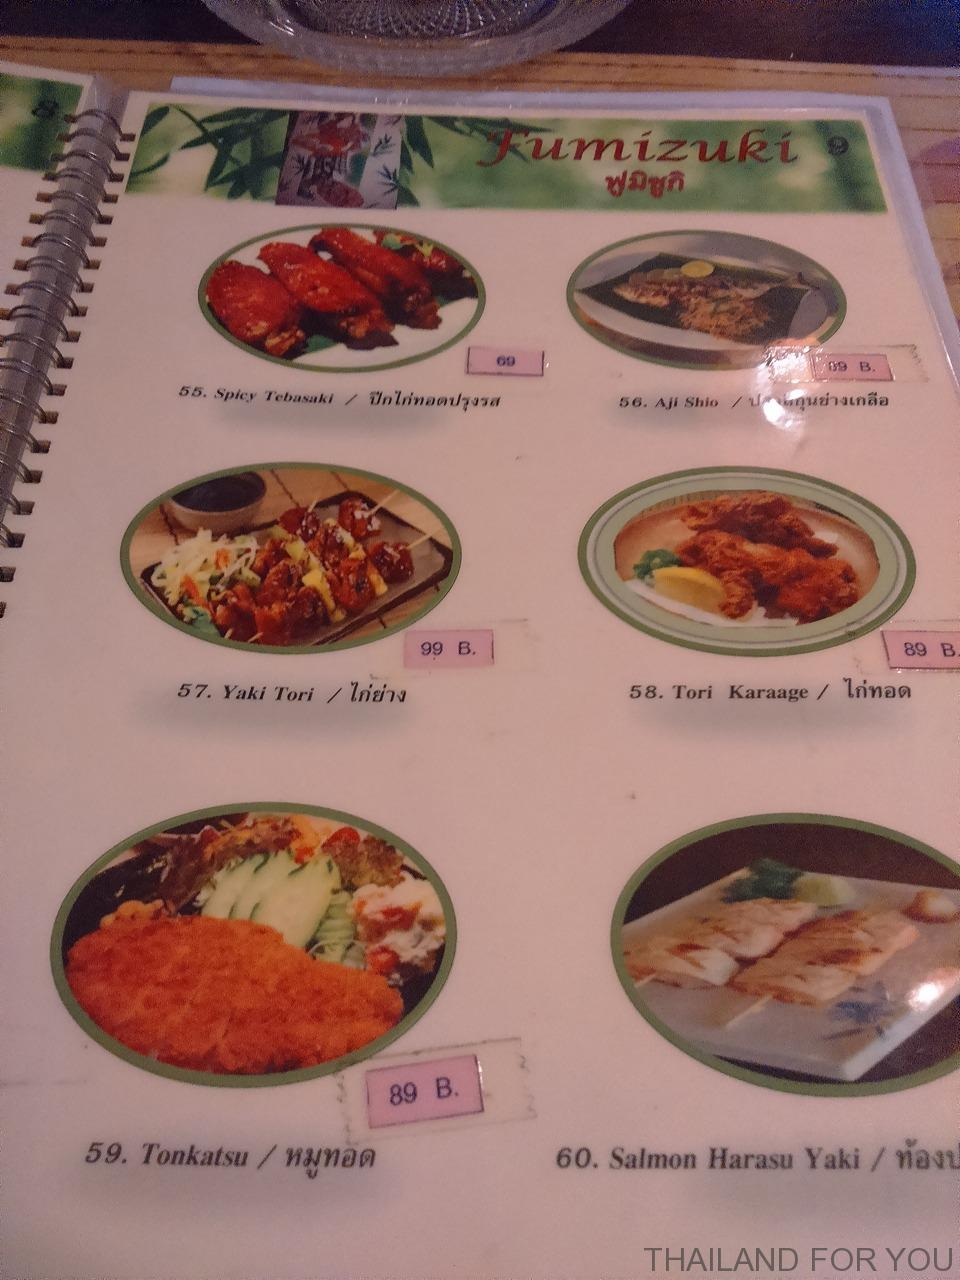 チェンライ 日本食 文月 FUMIZUKI メニュー 写真